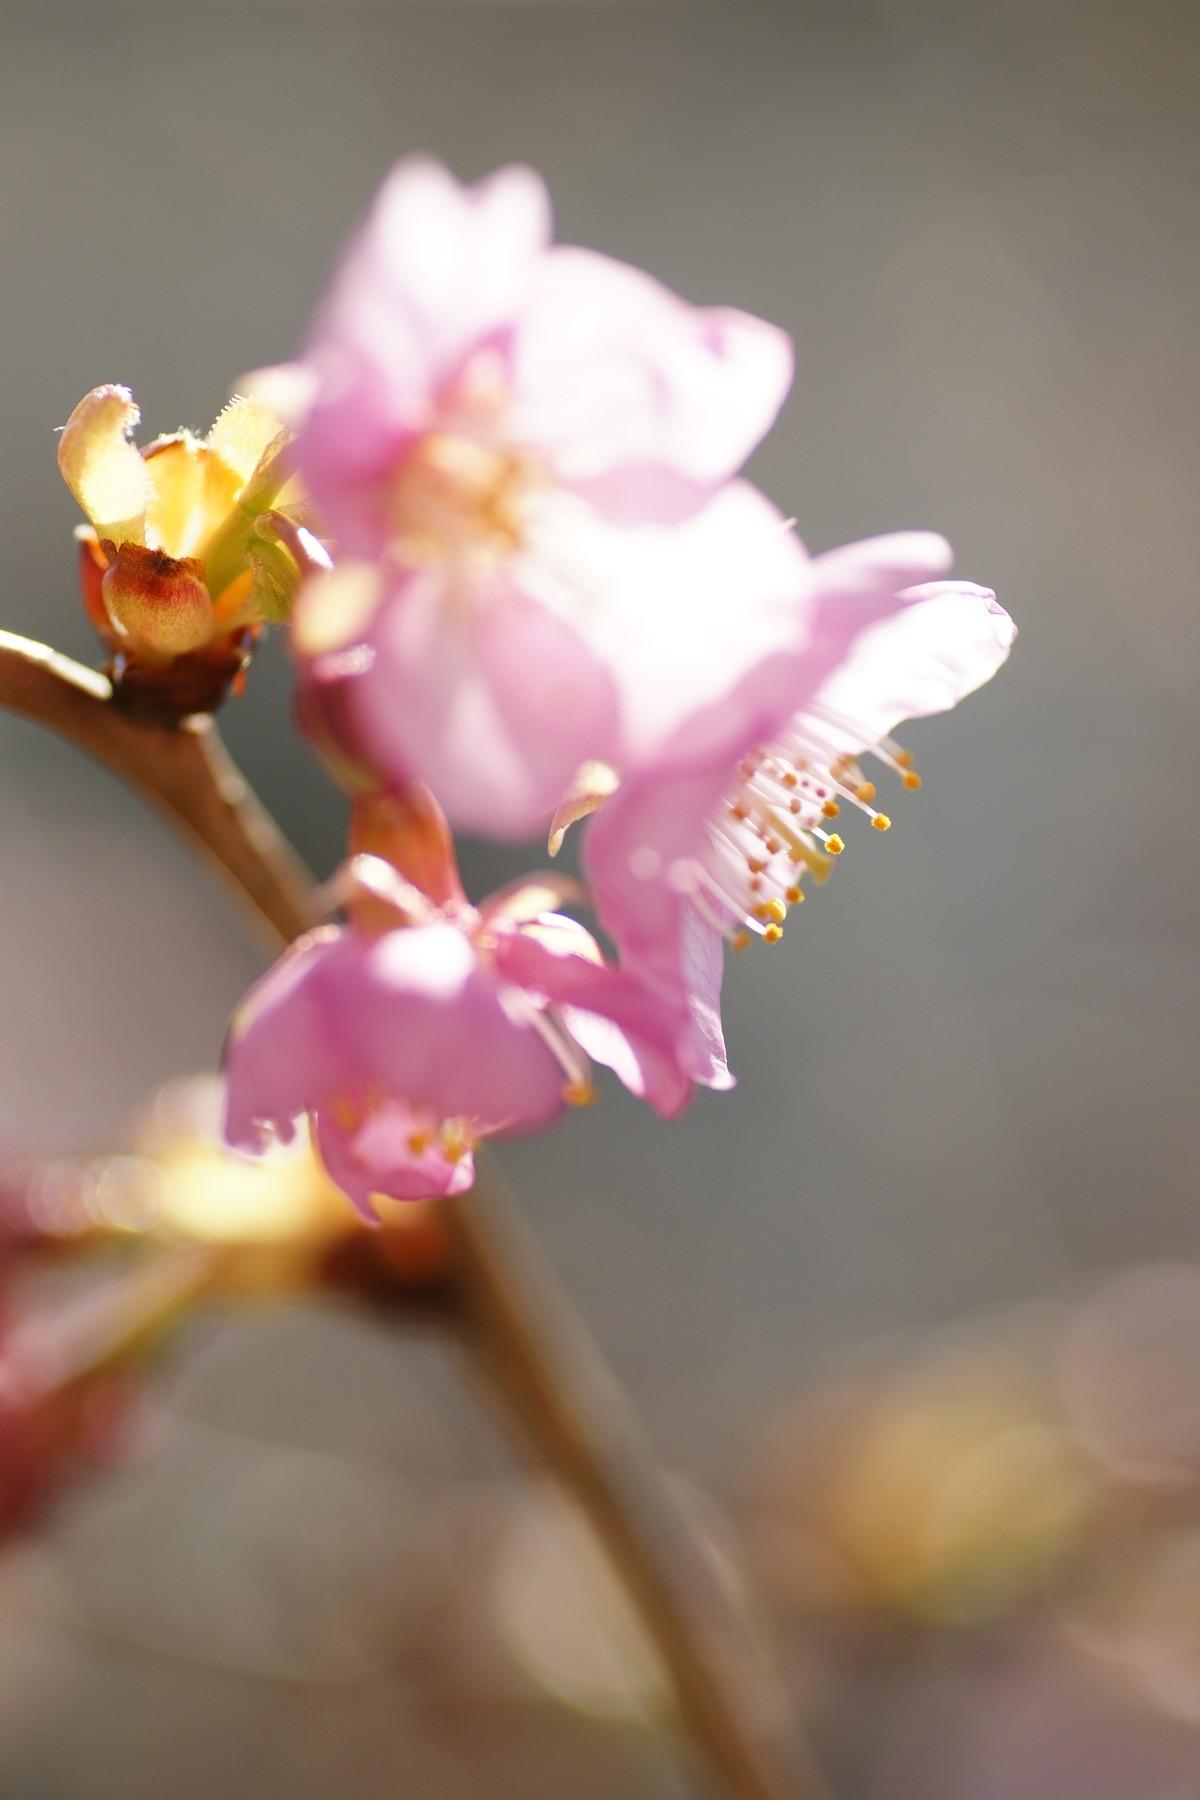 古いカメラとレンズで桜と梅を撮る_f0381792_11202981.jpg